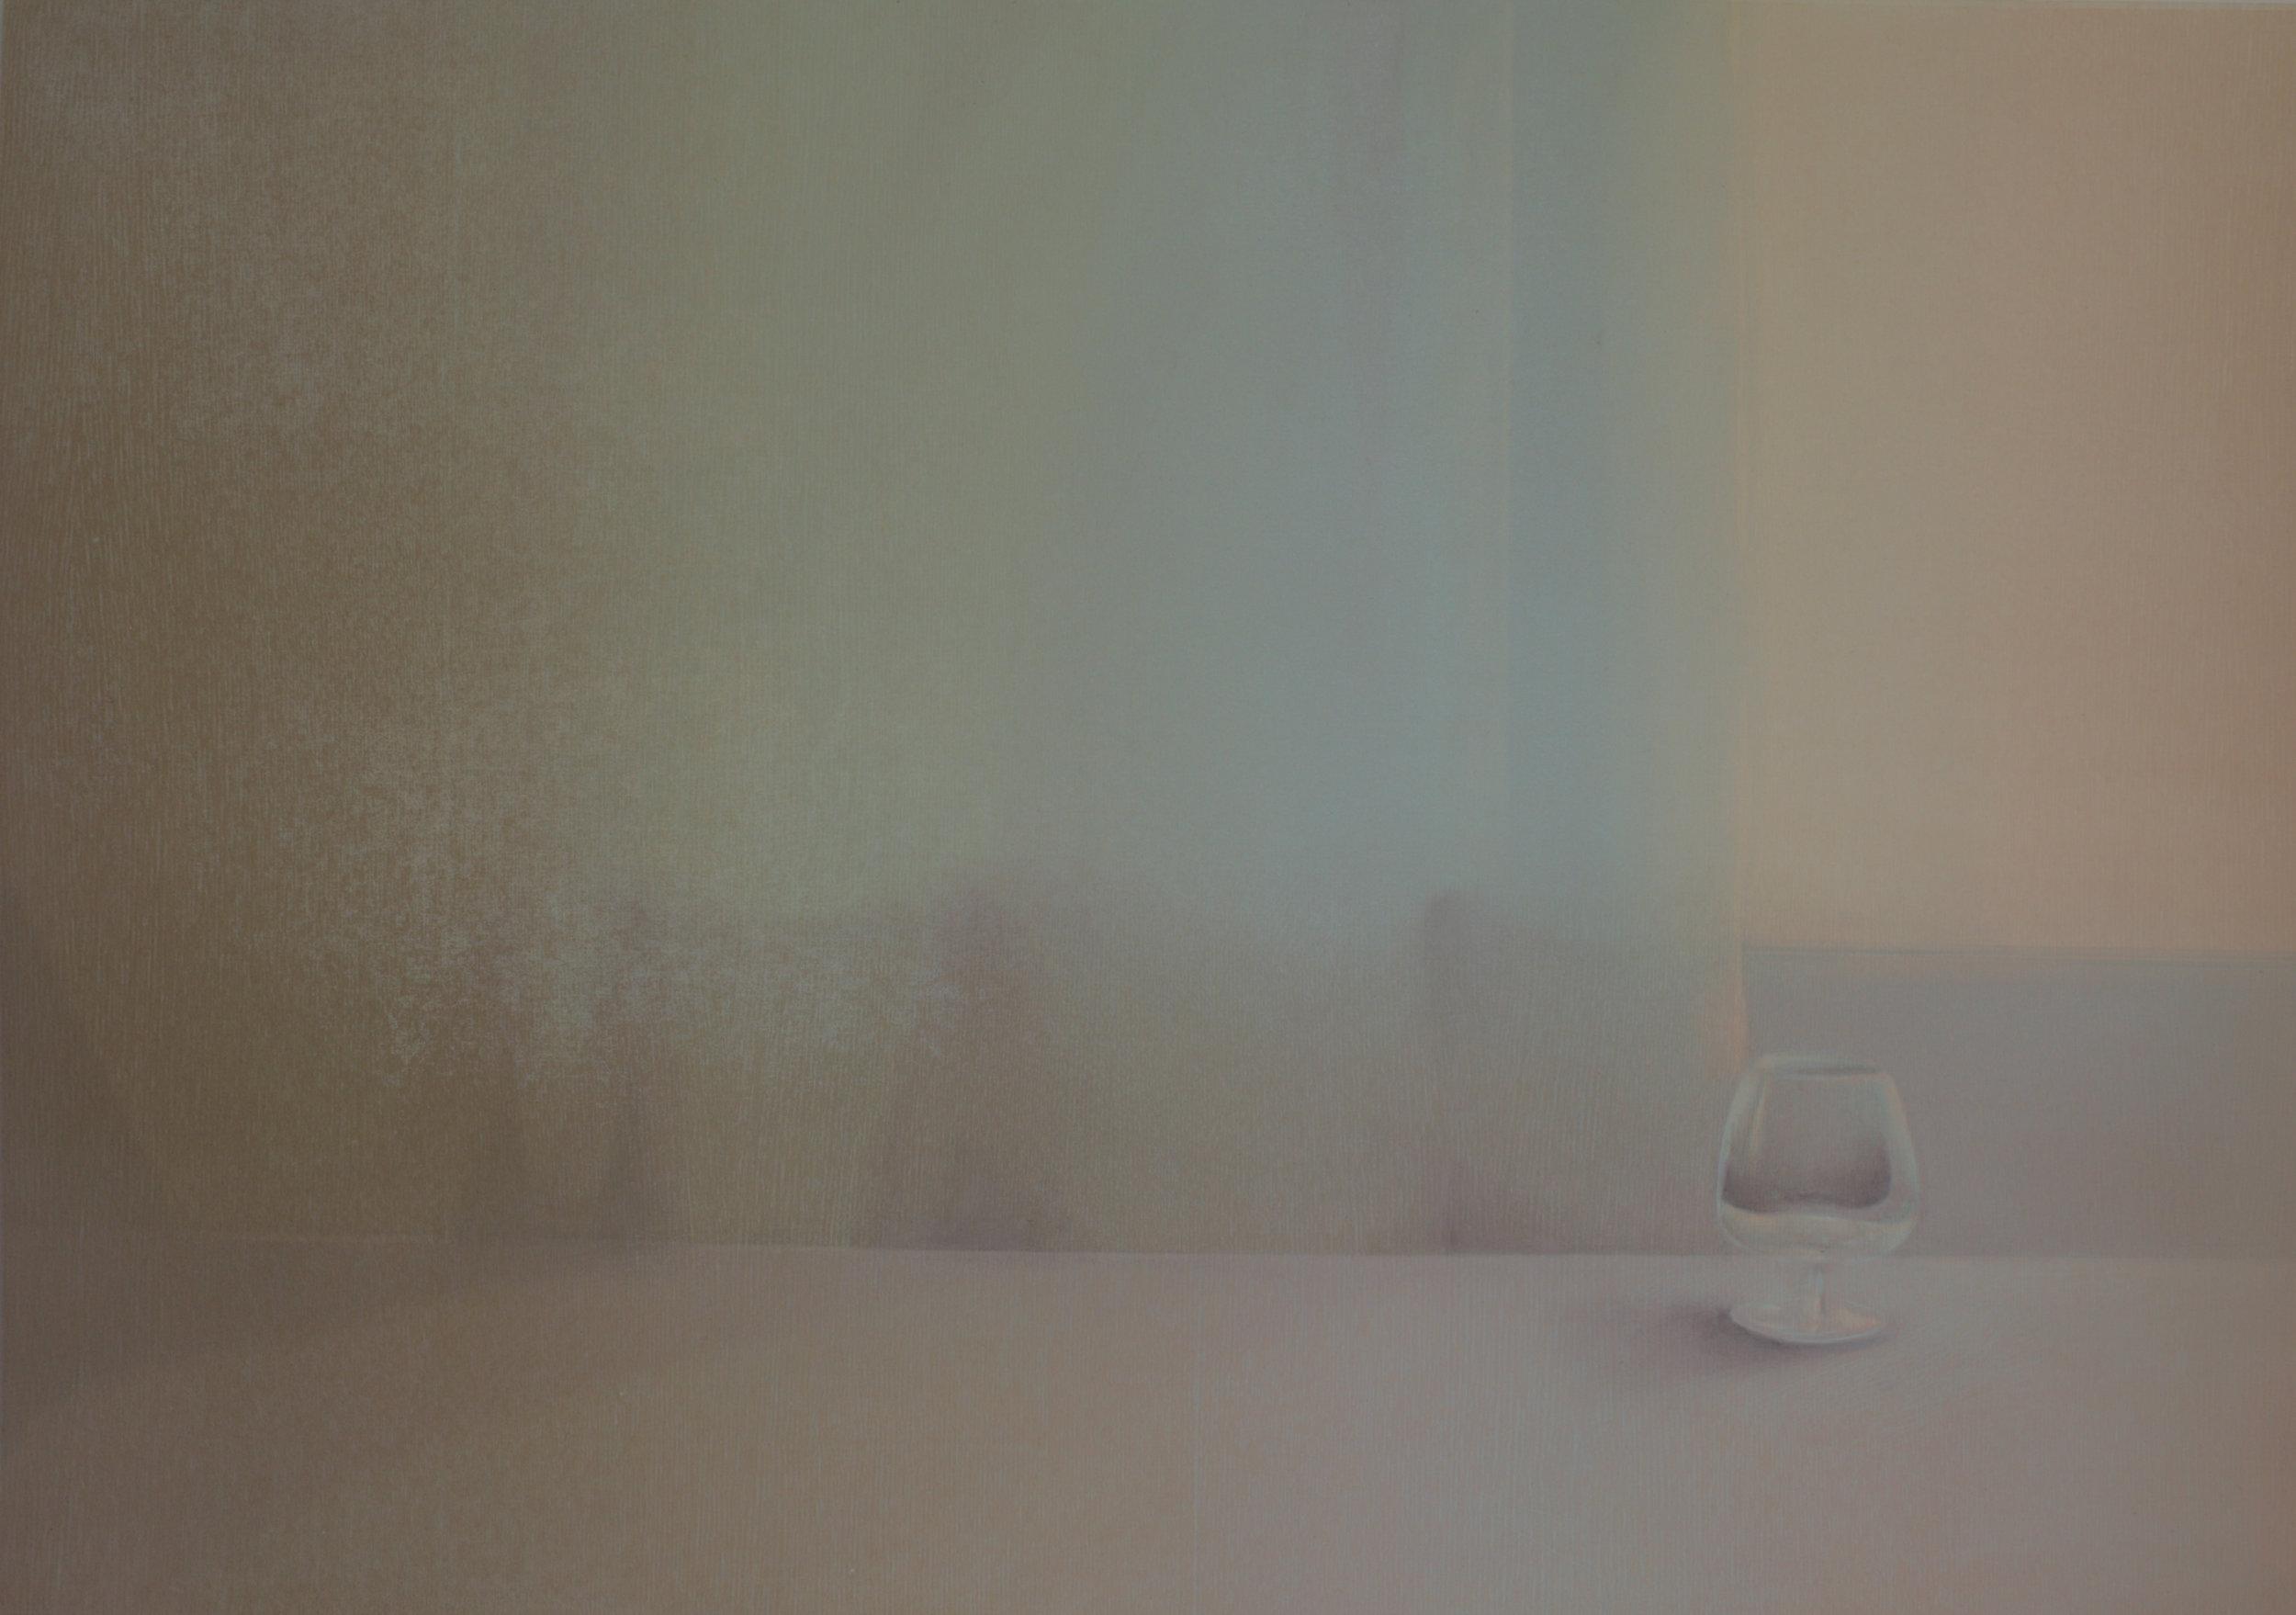 Praween PIANGCHOOMPU, Sanctuary Inside The Soul #30, 2017, Woodcut on Paper, 1 of 7, 59 x 84 cm